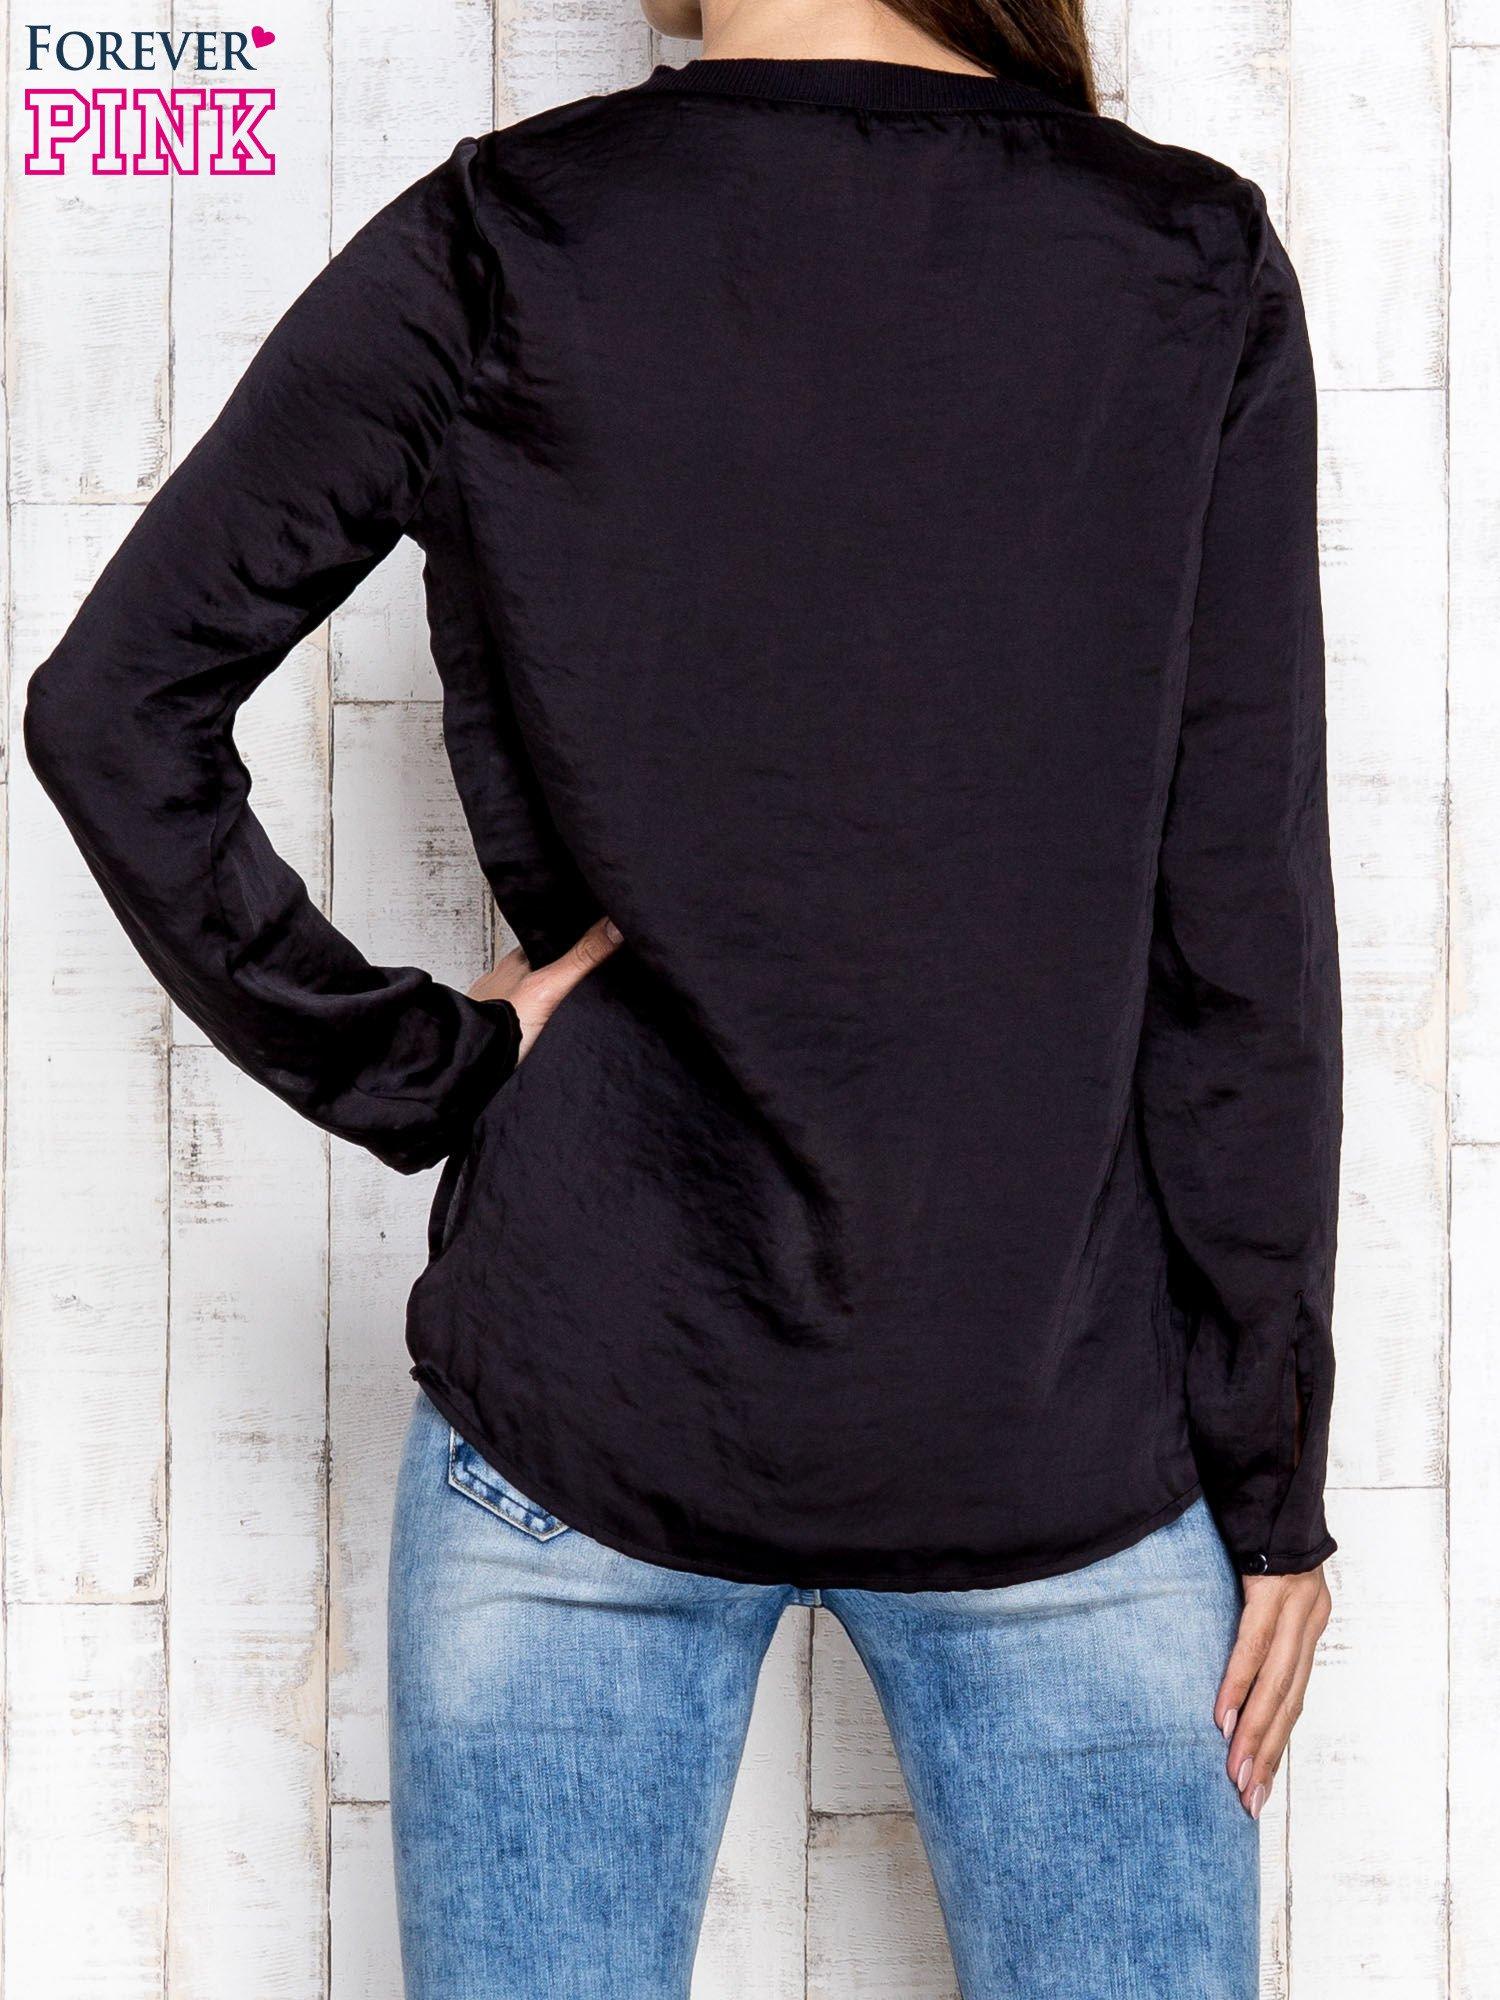 Czarna warstwowa bluzka oversize                                  zdj.                                  2